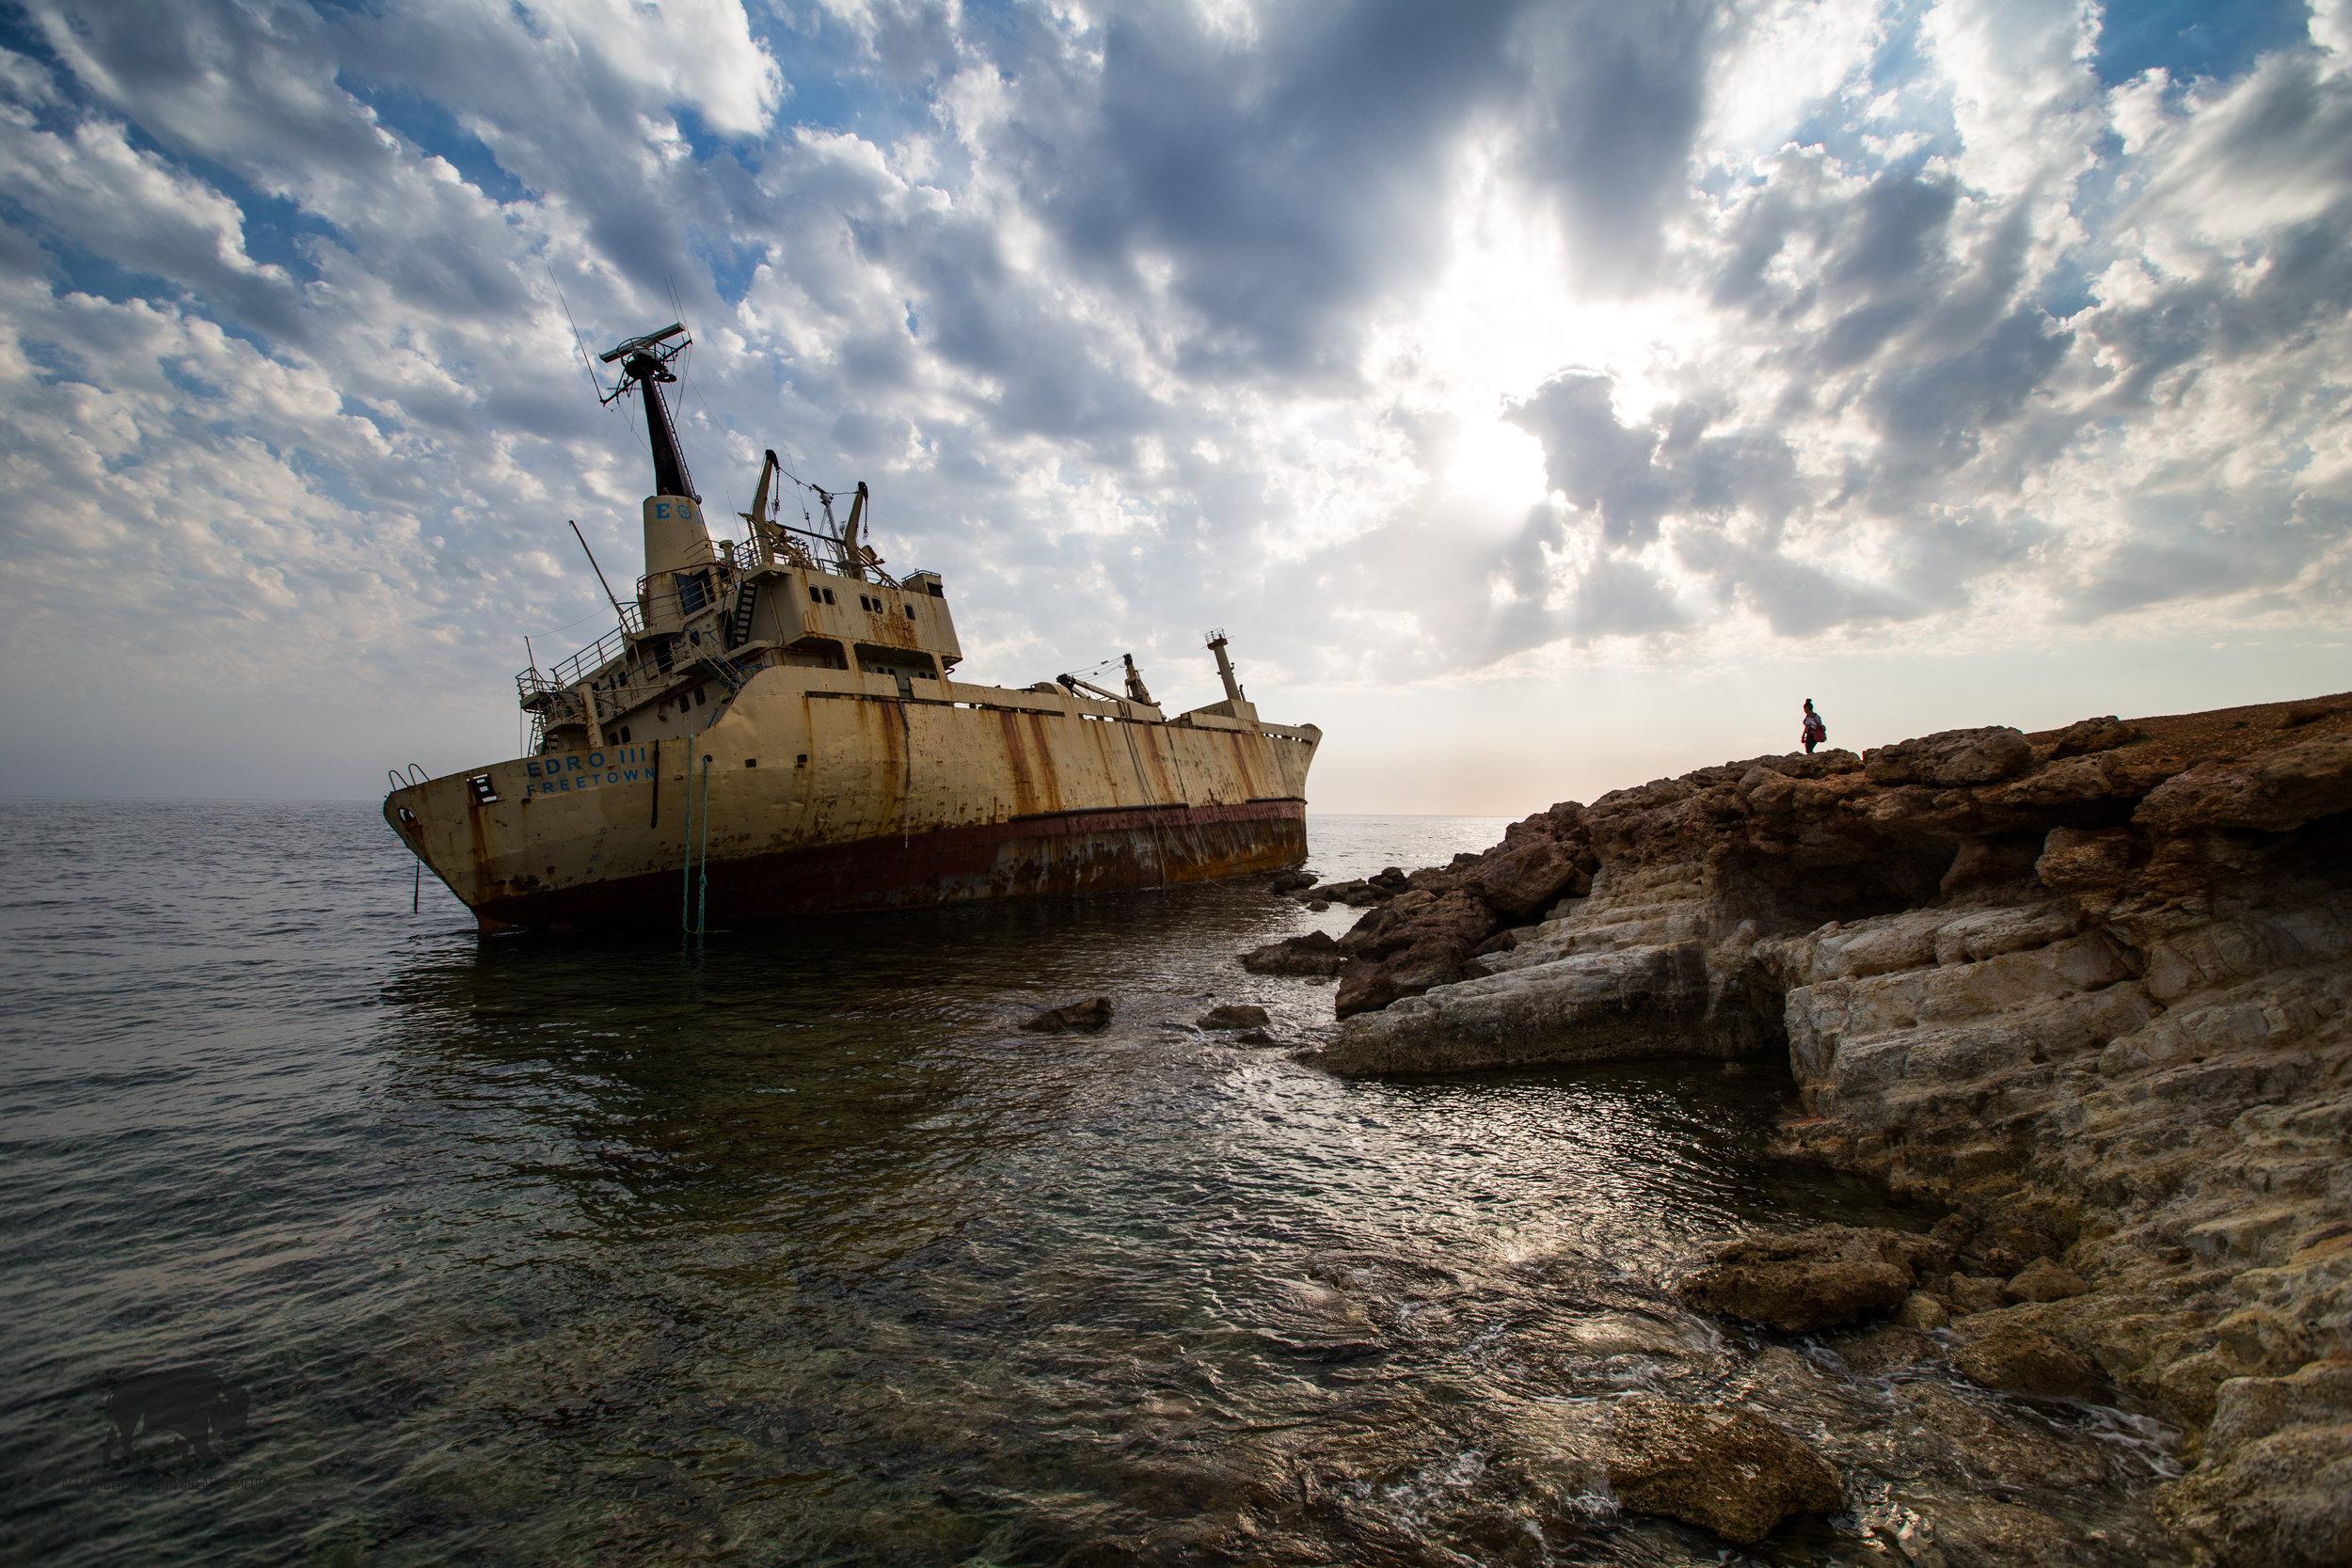 Sunsets and shipwrecks.